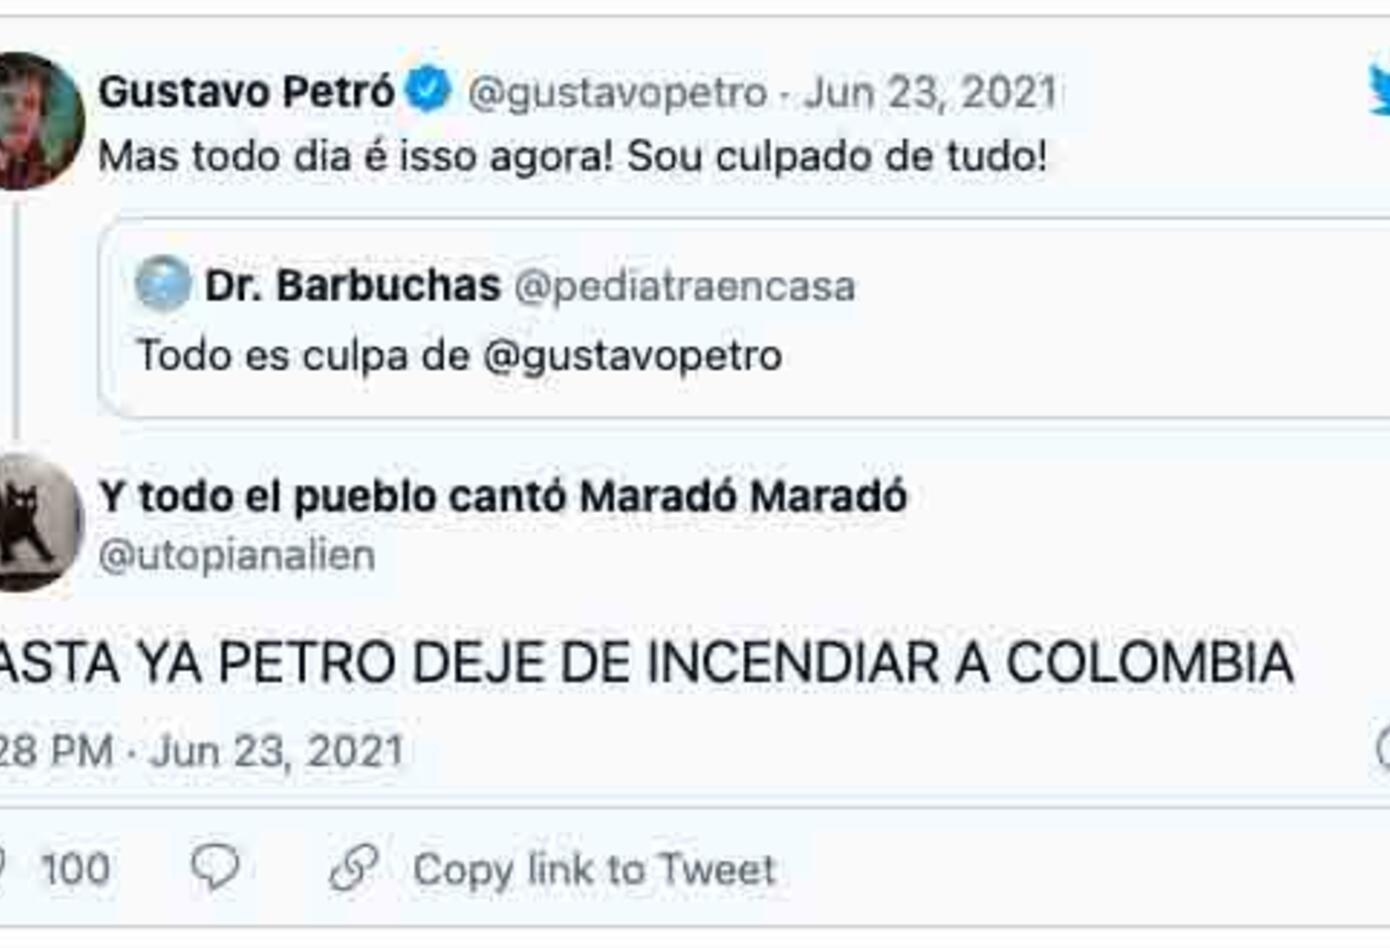 Insultos a Gustavo Petró de Brasil, homónimo de político colombiano